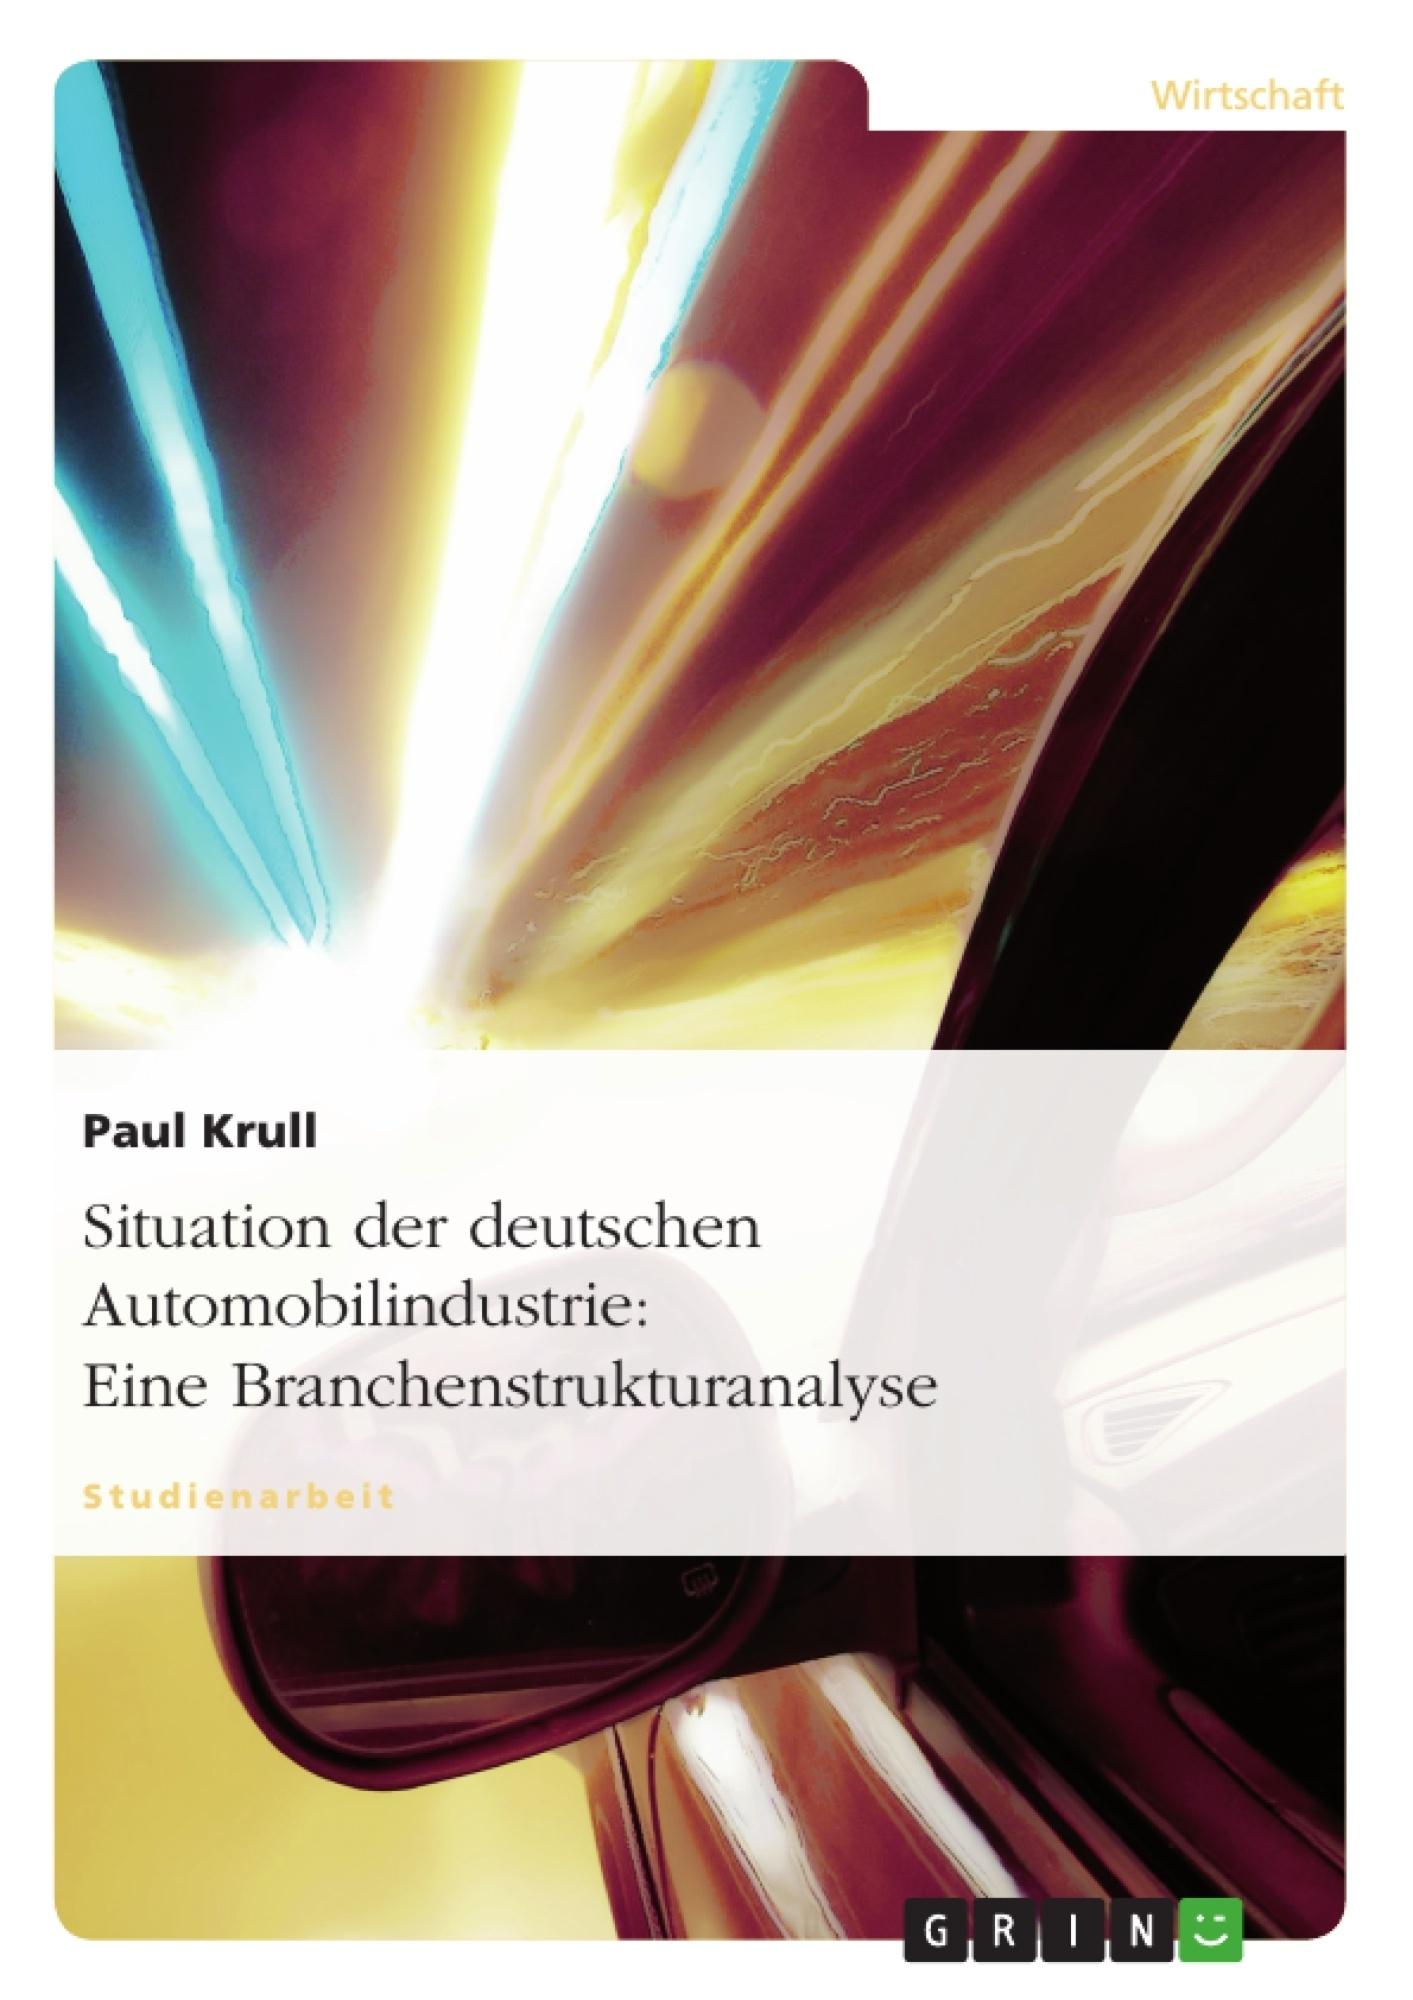 Titel: Situation der deutschen Automobilindustrie: Eine Branchenstrukturanalyse